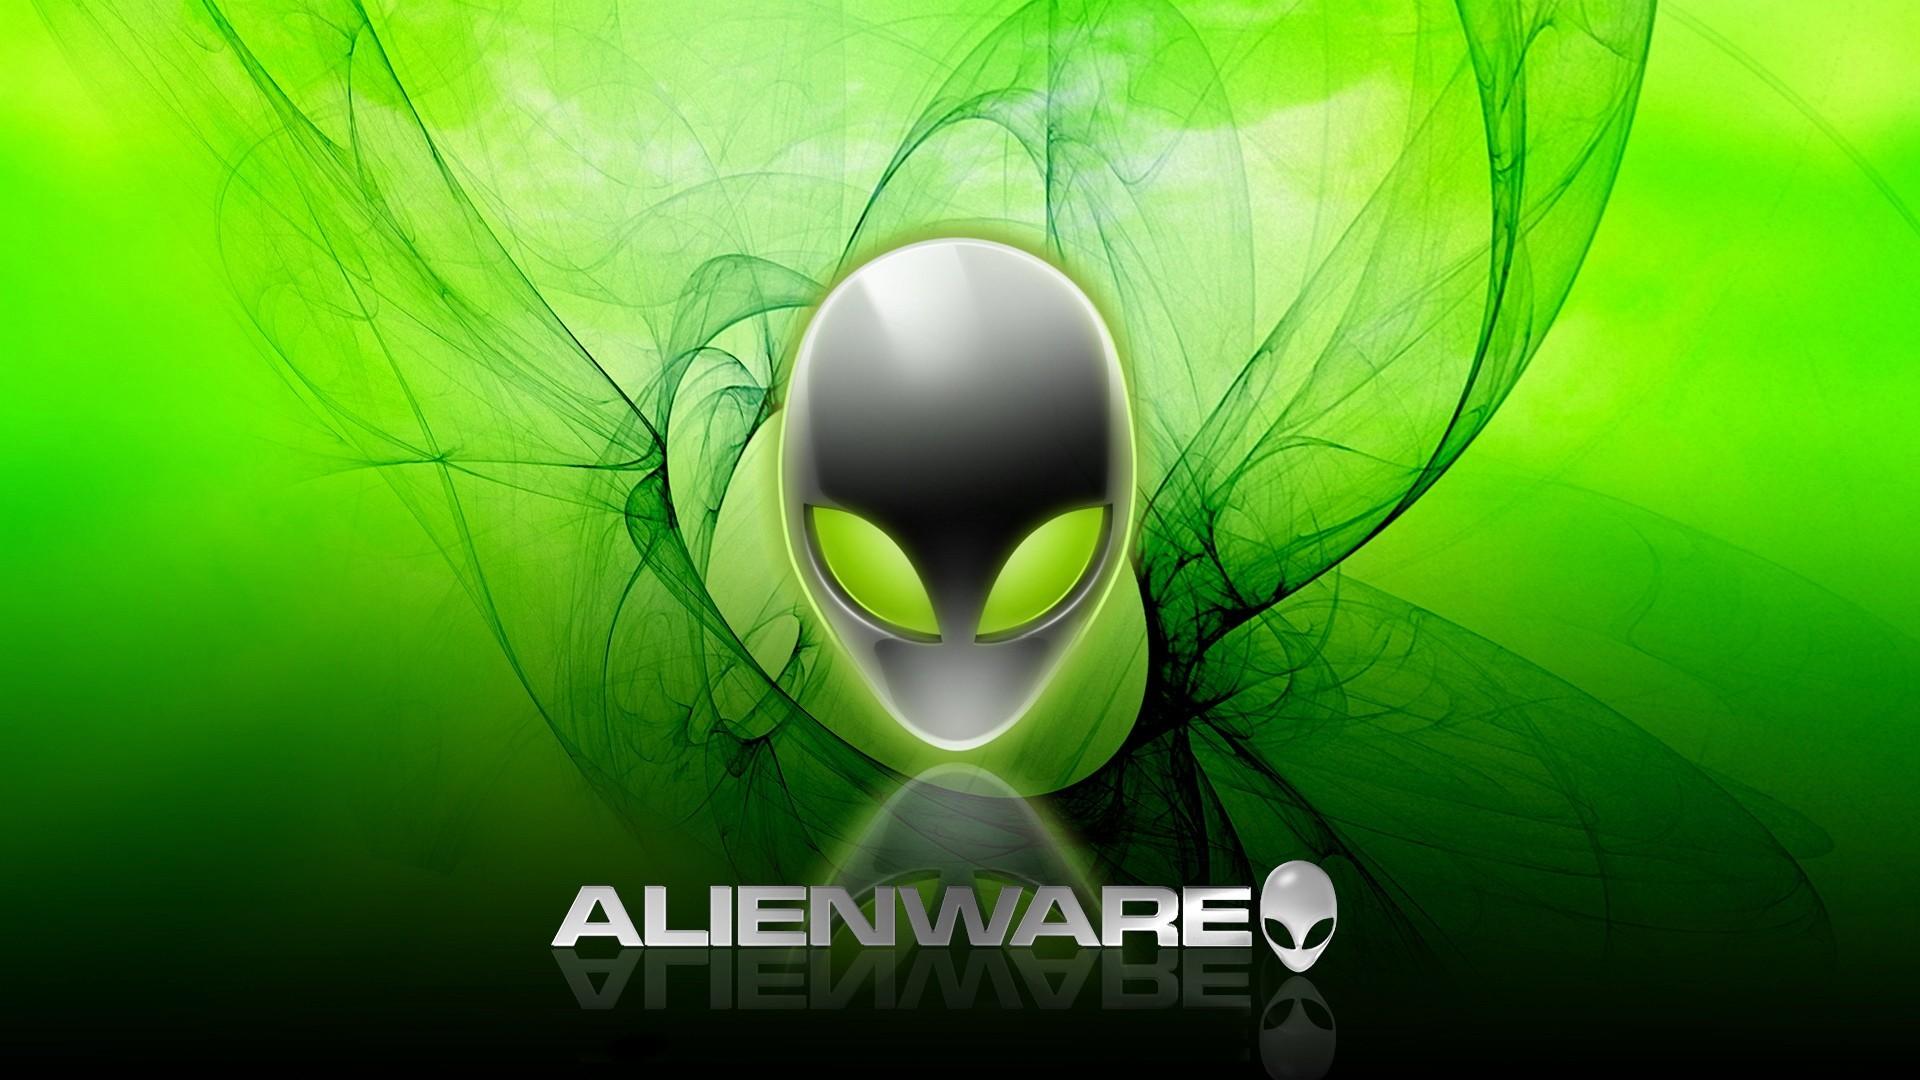 alienware wallpaper 1920x1080 wallpaper 1371531